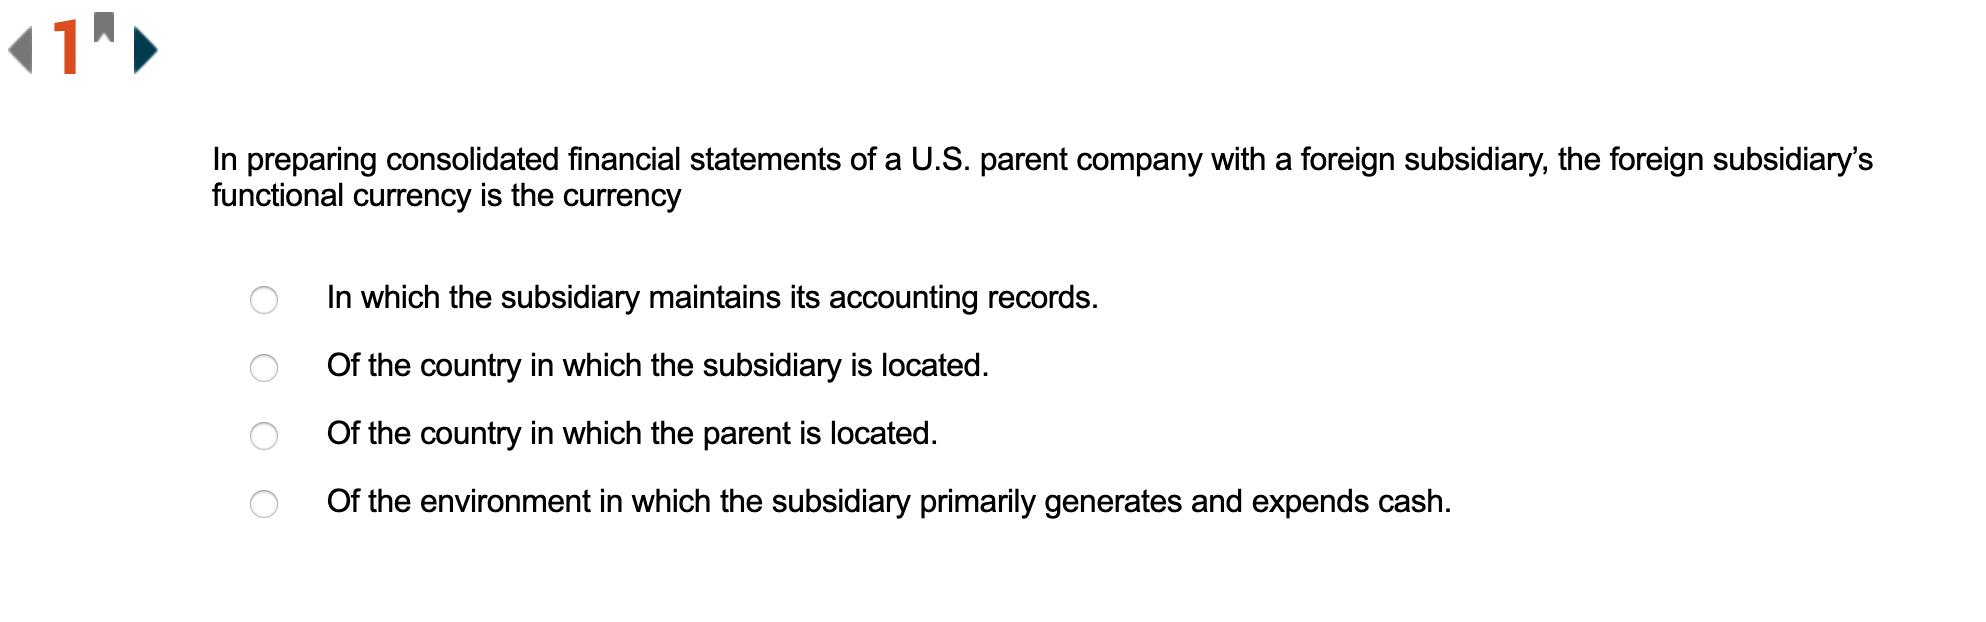 米国公認会計士のサンプル問題